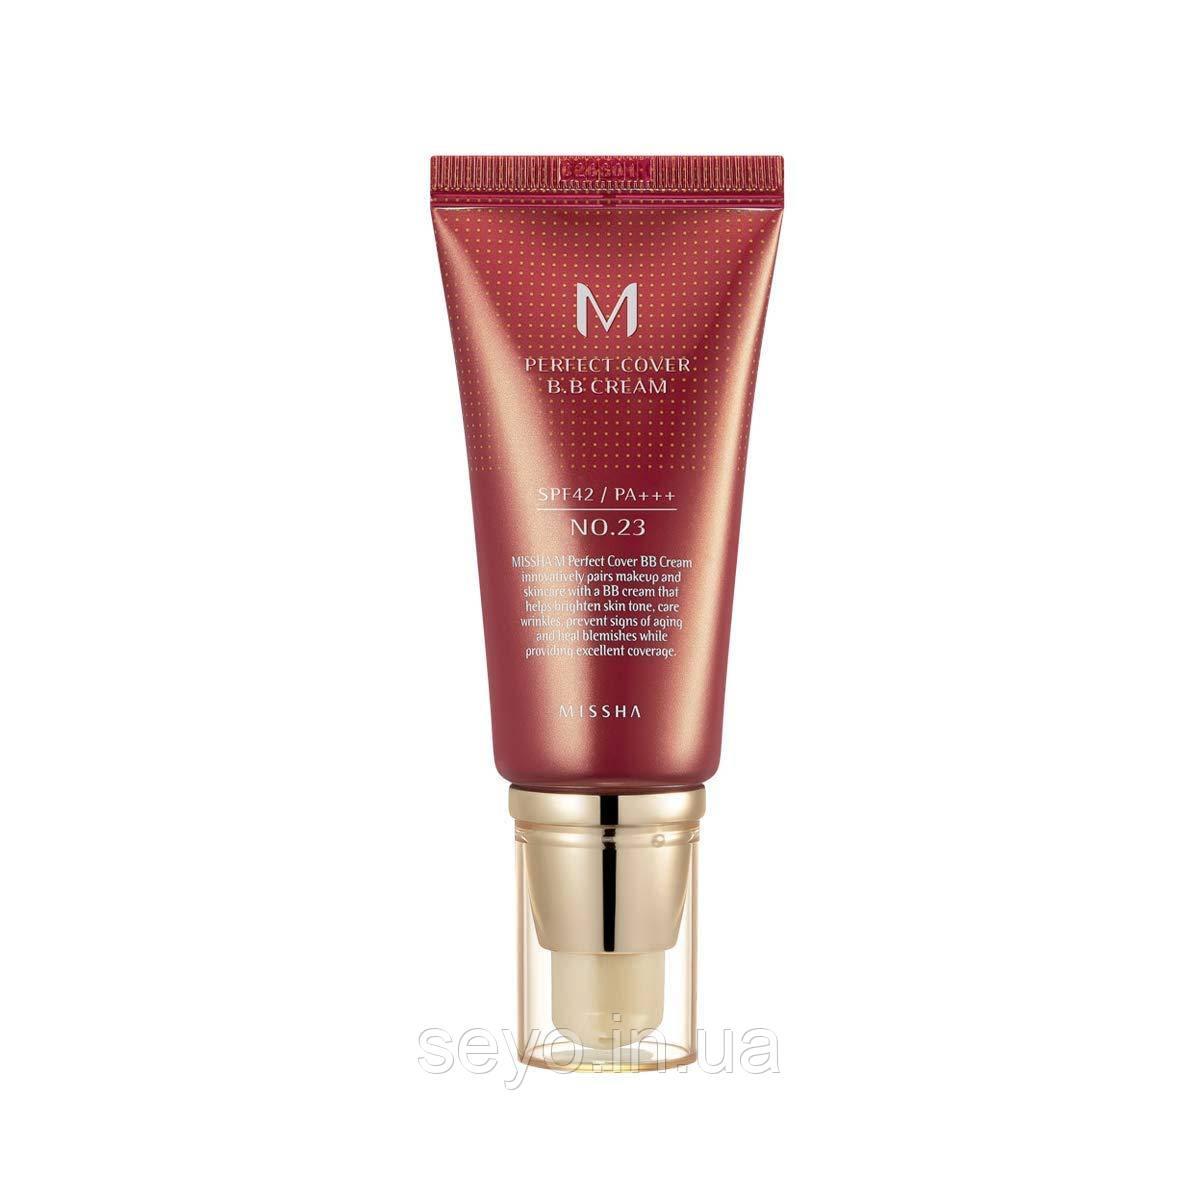 Тональный крем MISSHA ВВ крем M Perfect Cover BB Cream SPF42 PA+++ №23 Natural Beige, 50 мл.